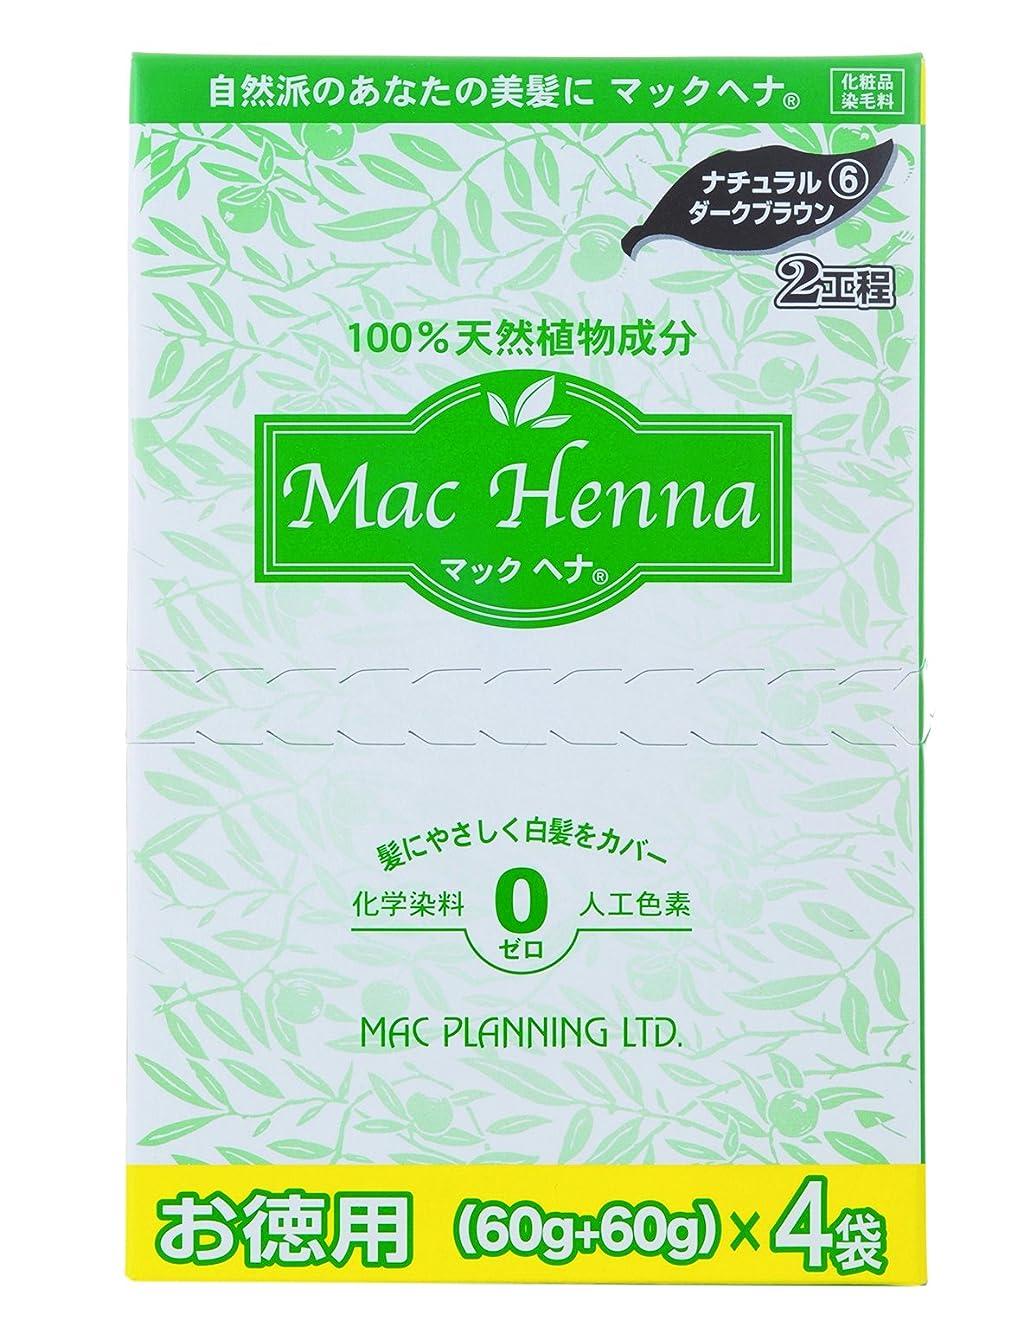 雨牛肉下着マックヘナ お徳用 ナチュラルダークブラウン480g ヘナ白髪用カラー